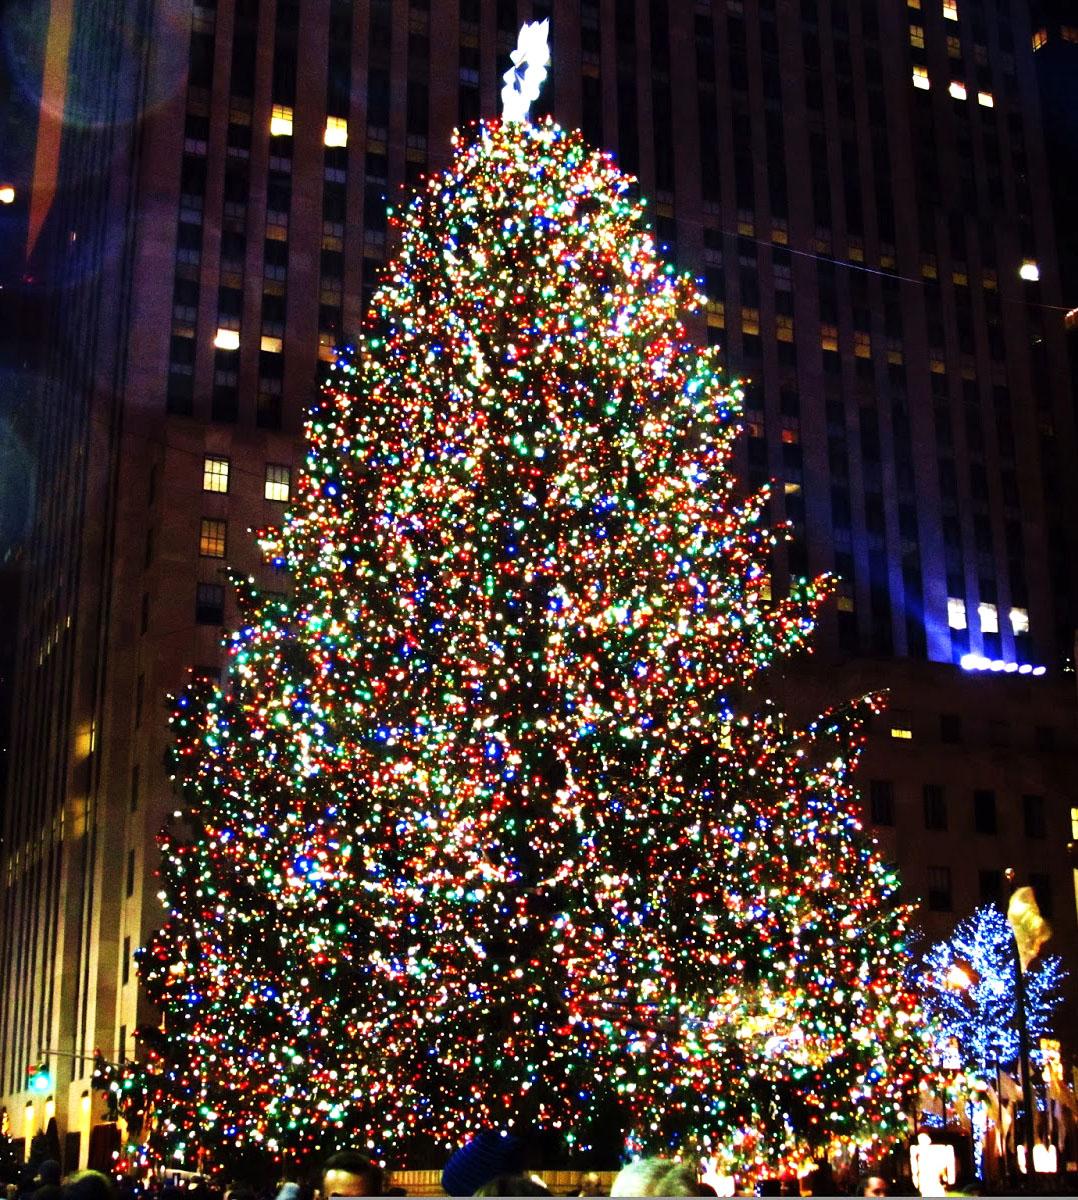 Rockefeller Christmas Tree Lighting 2014: Weekly Photo Challenge: Twinkle